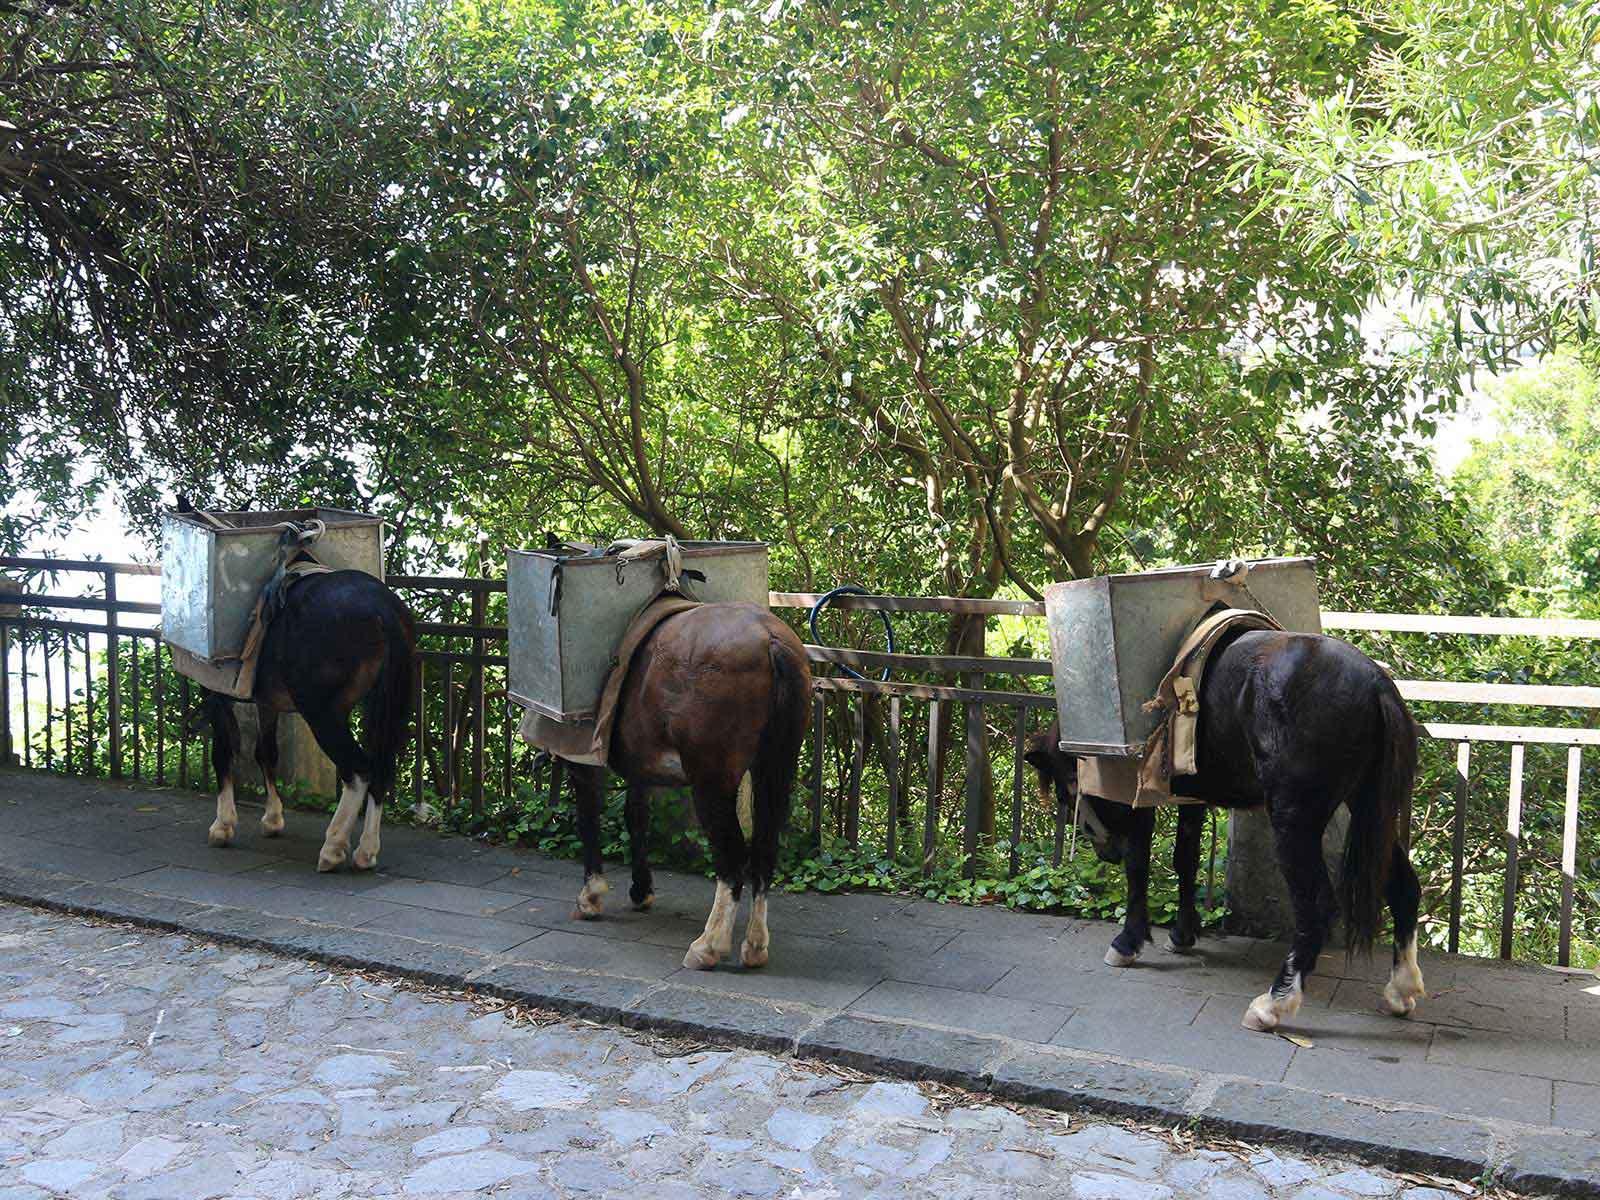 Diese kleine Eselgruppe sahen wir am Vormittag am Straßenrand.